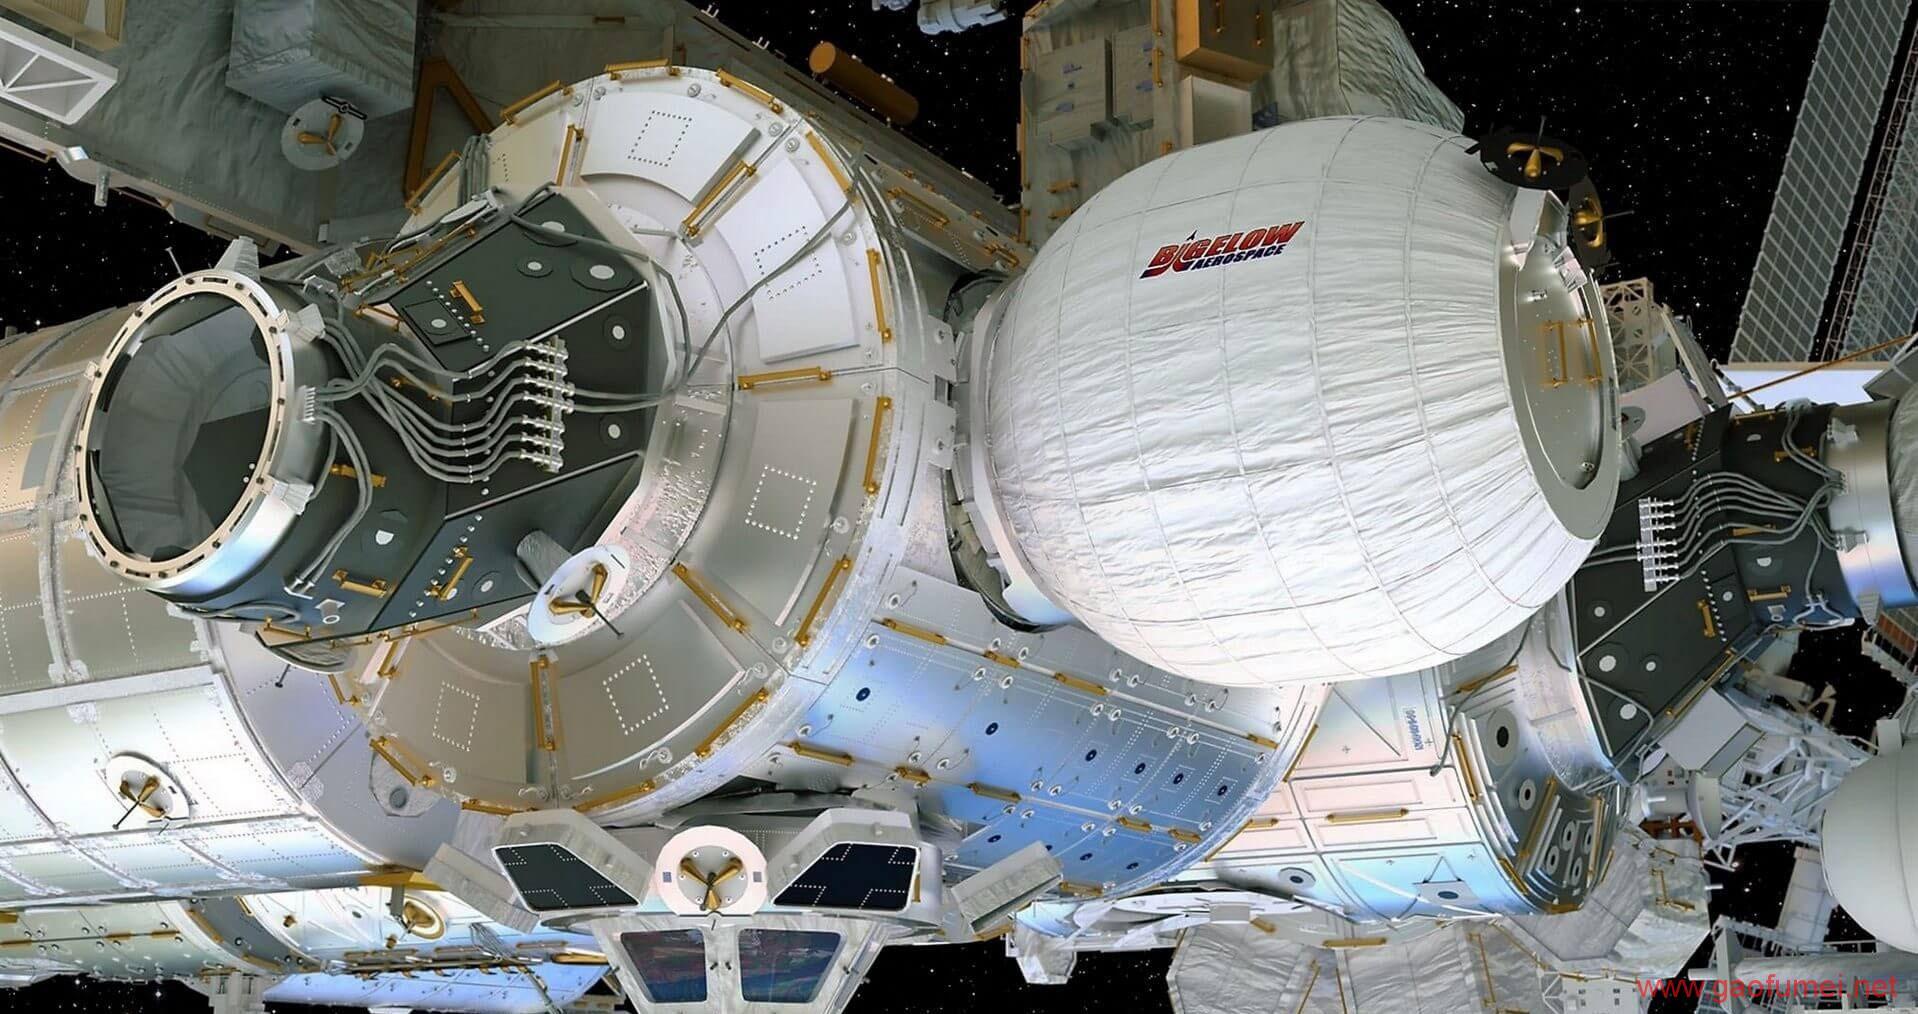 毕格罗将于2022年发射太空旅馆生活娱乐设施一应俱全 空间站 第3张-泥人传说